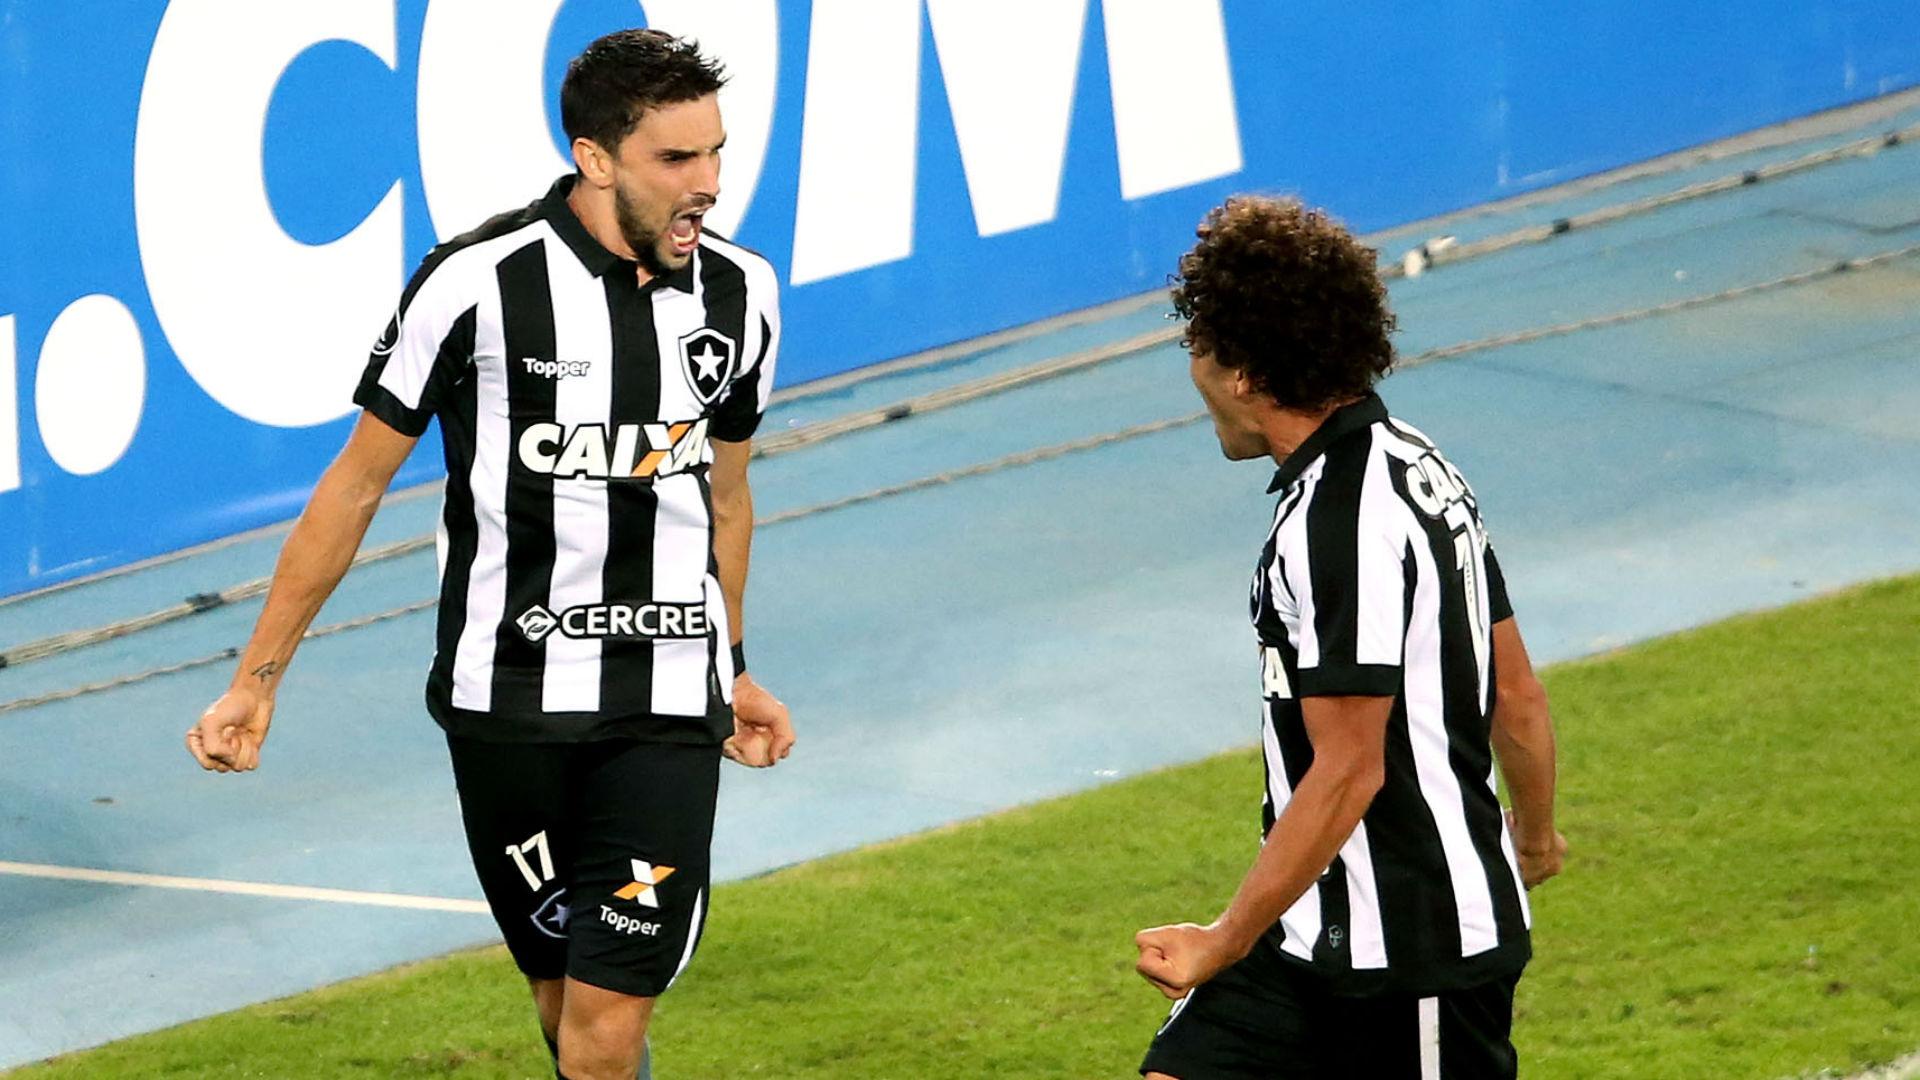 Rodrigo Pimpão Camilo Botafogo Libertadores Atlético Nacional 24 05 2017